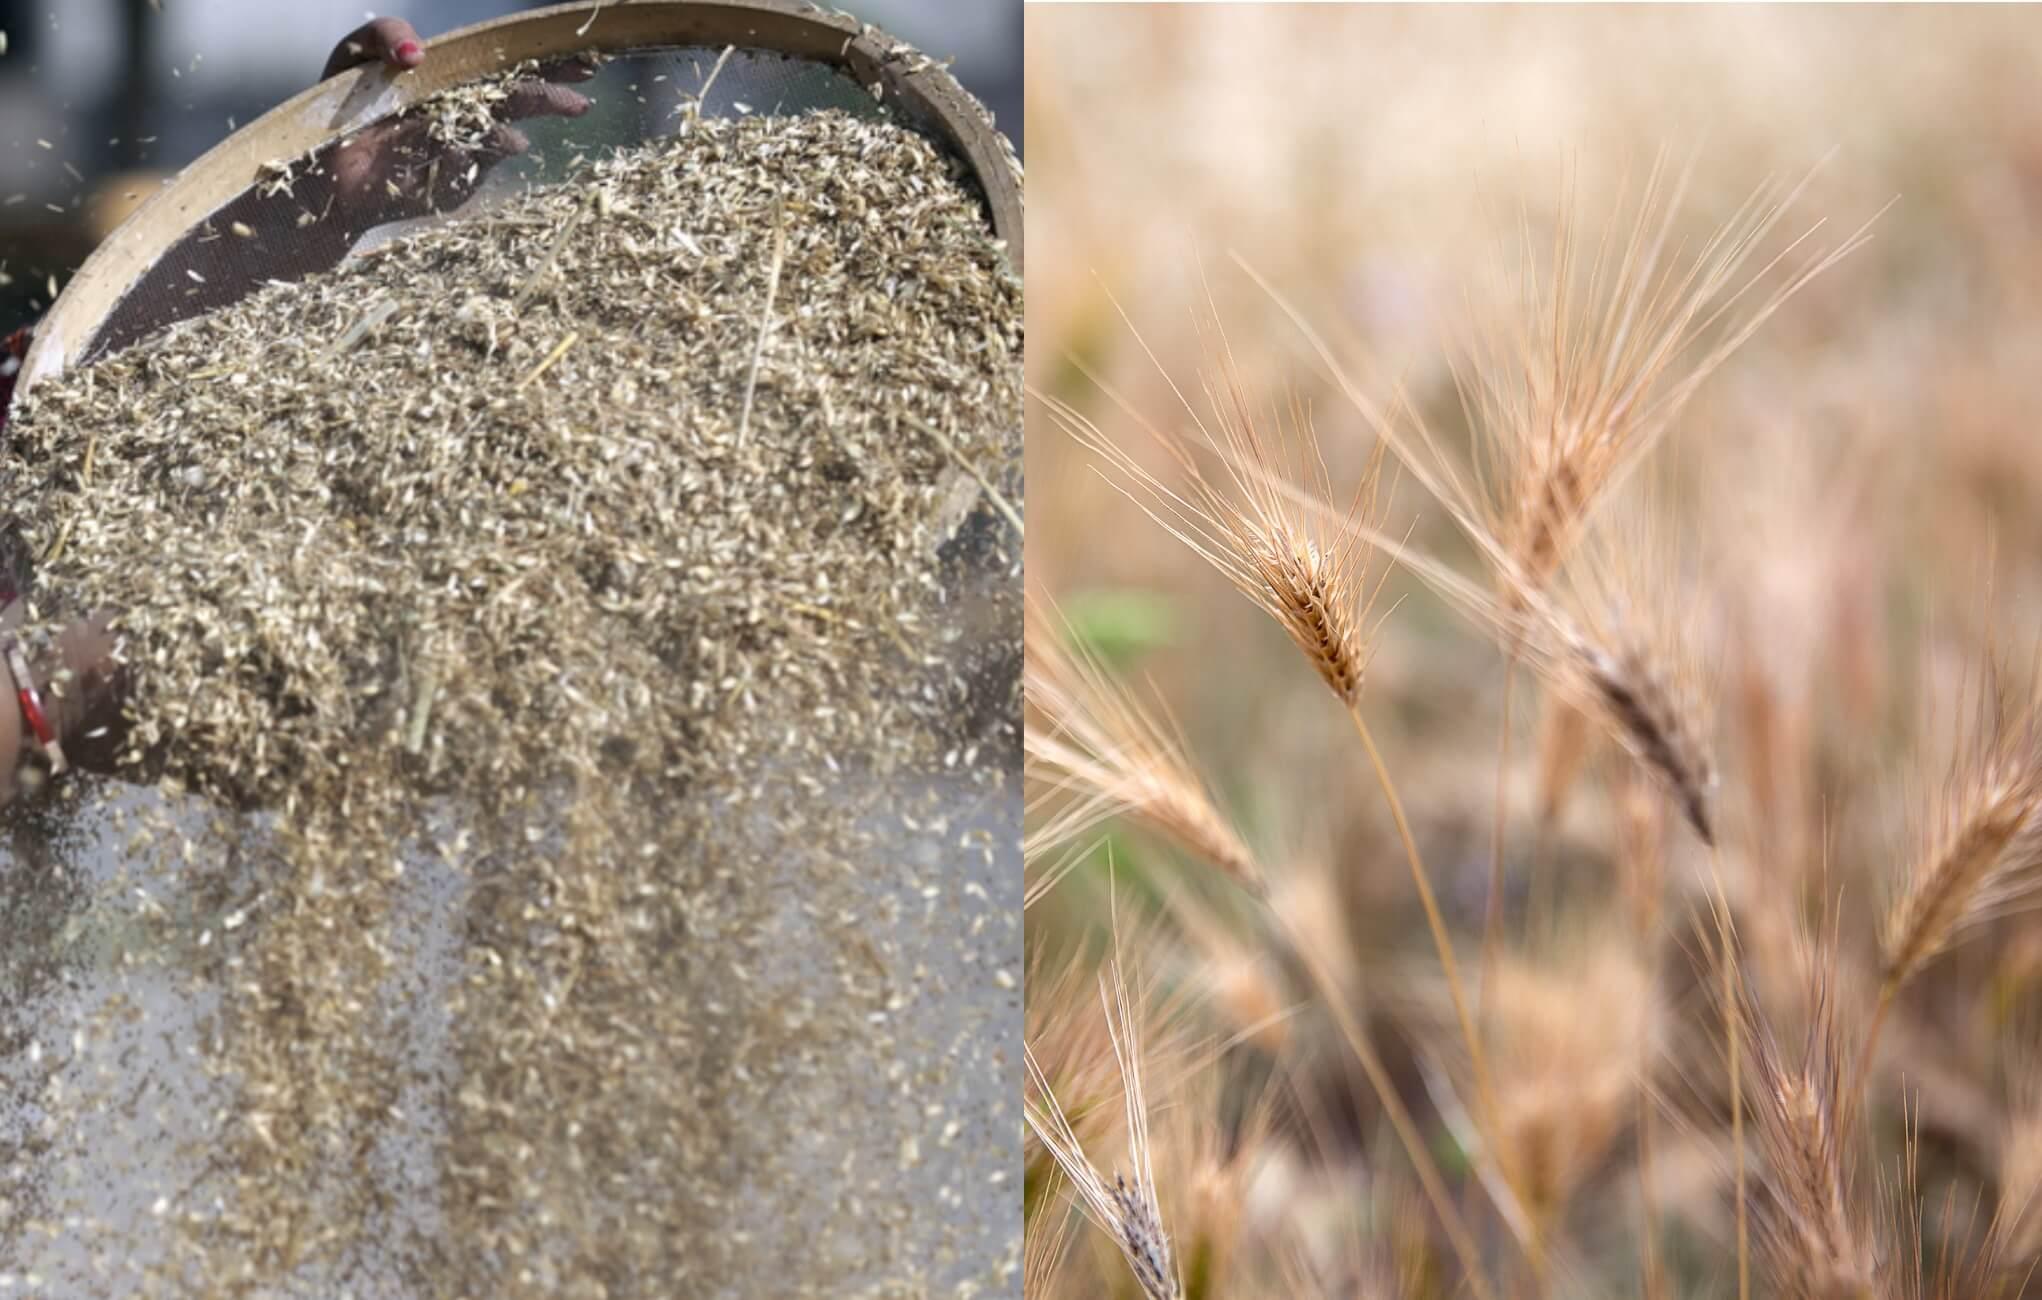 Μία σταγόνα ιστορία: Οι πολιτισμοί του σιταριού και του ρυζιού